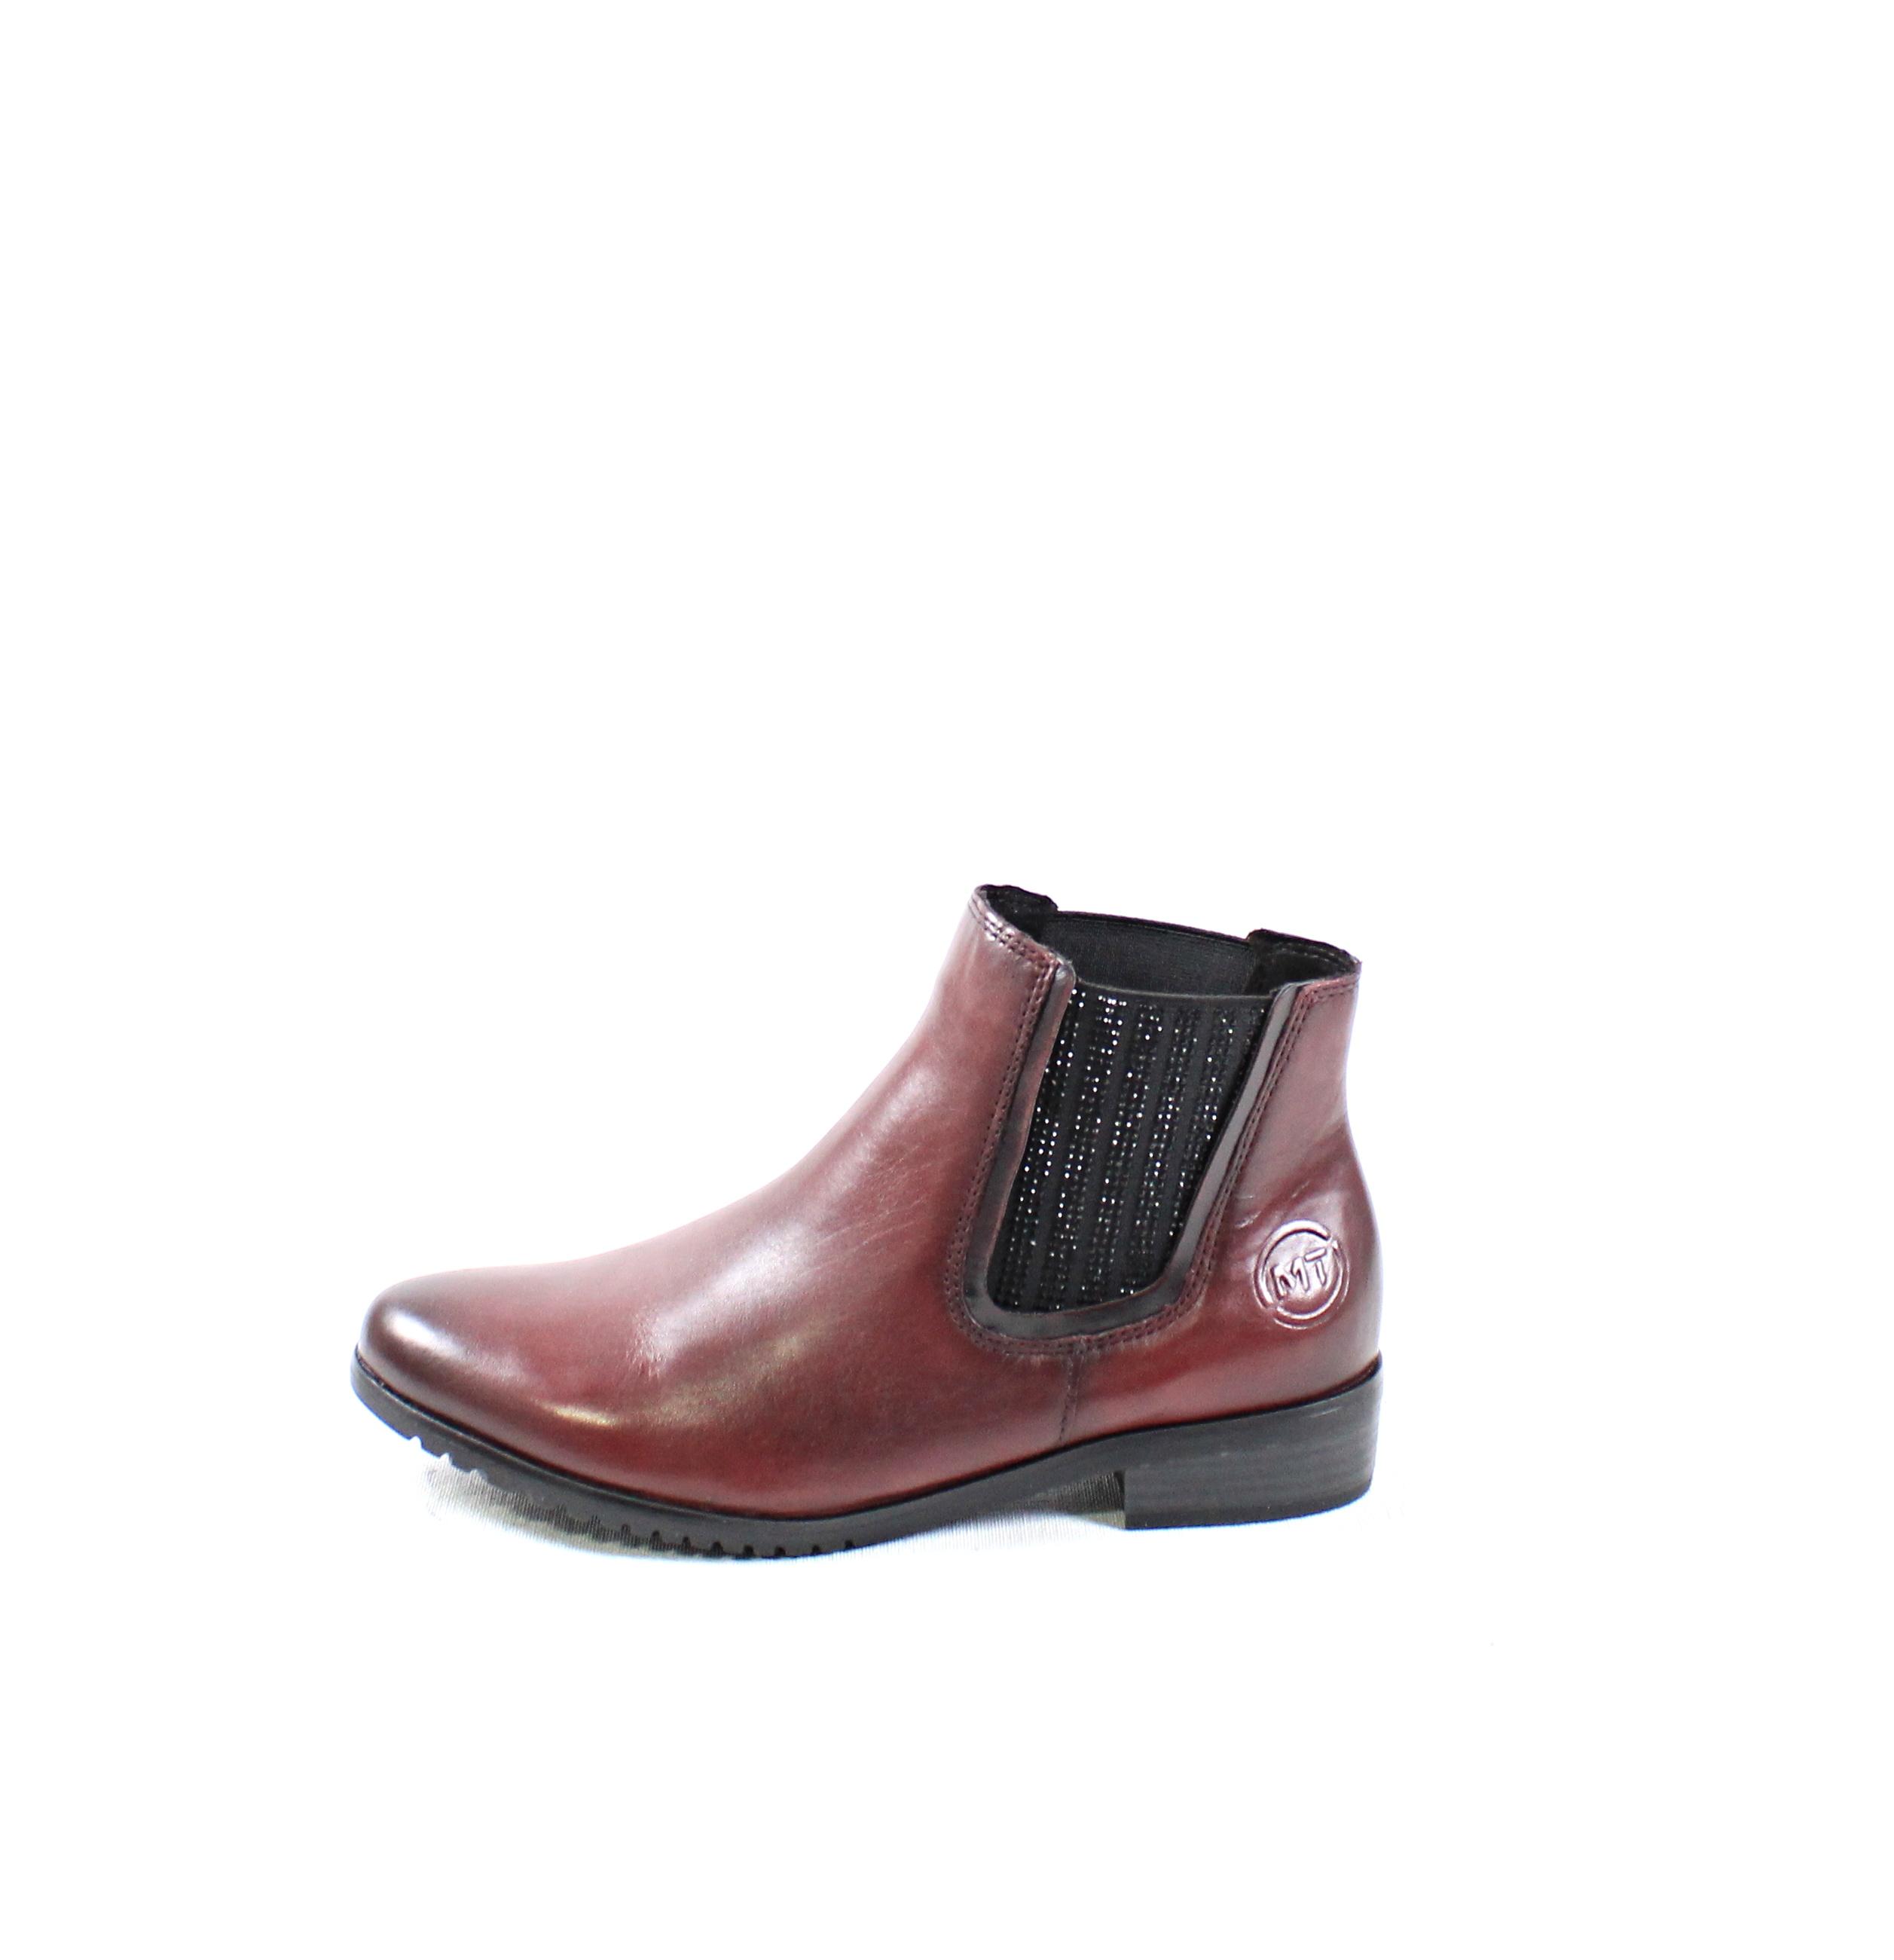 6062aca4c220 Dámske členkové čižmy MARCO TOZZI 2-25384-21 BORDEAUX – Topánky ...